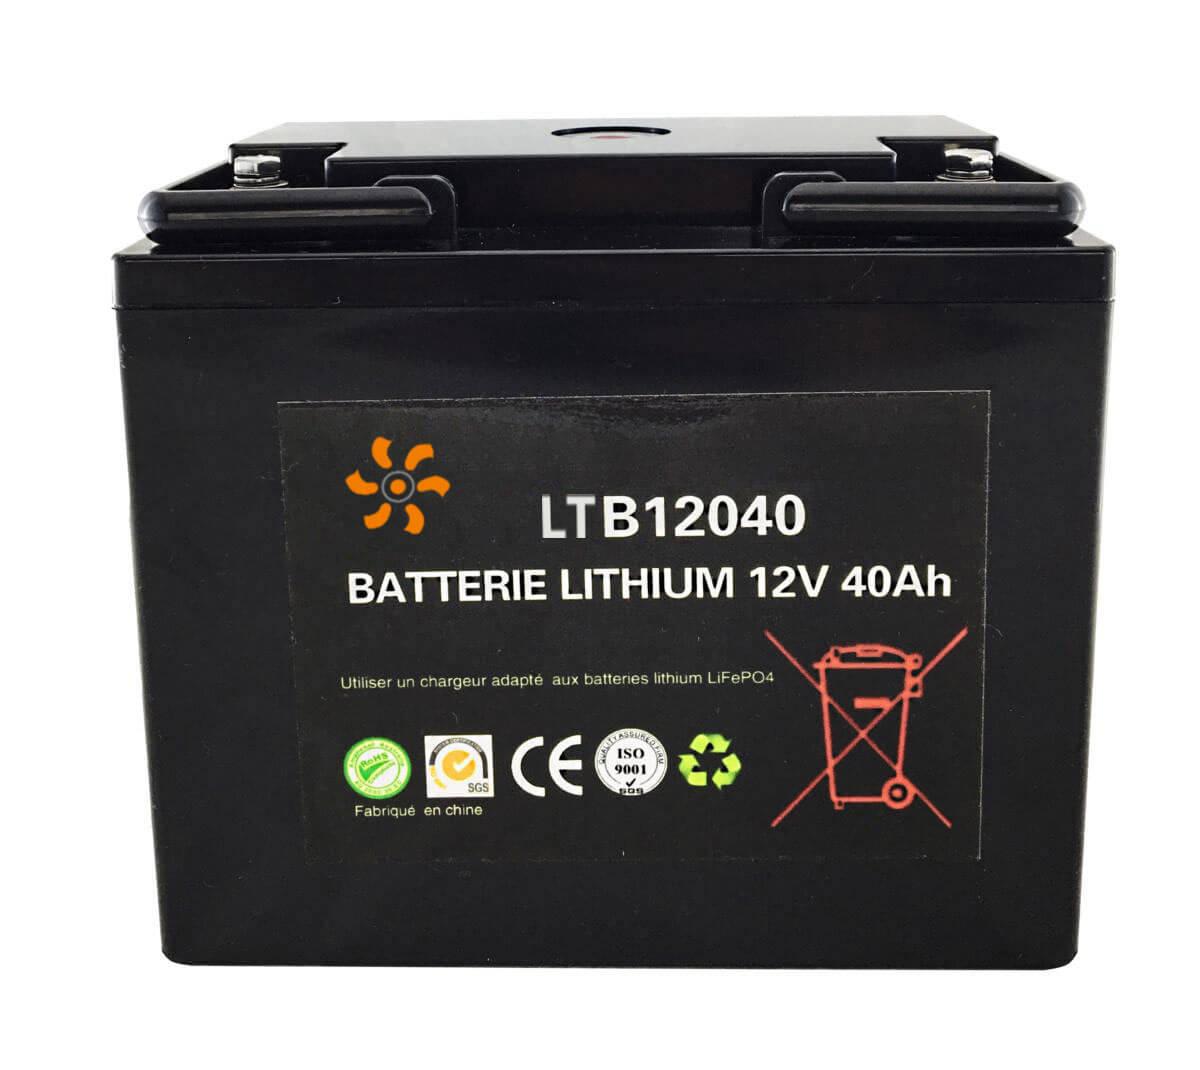 Batterie lithium 12V 40Ah